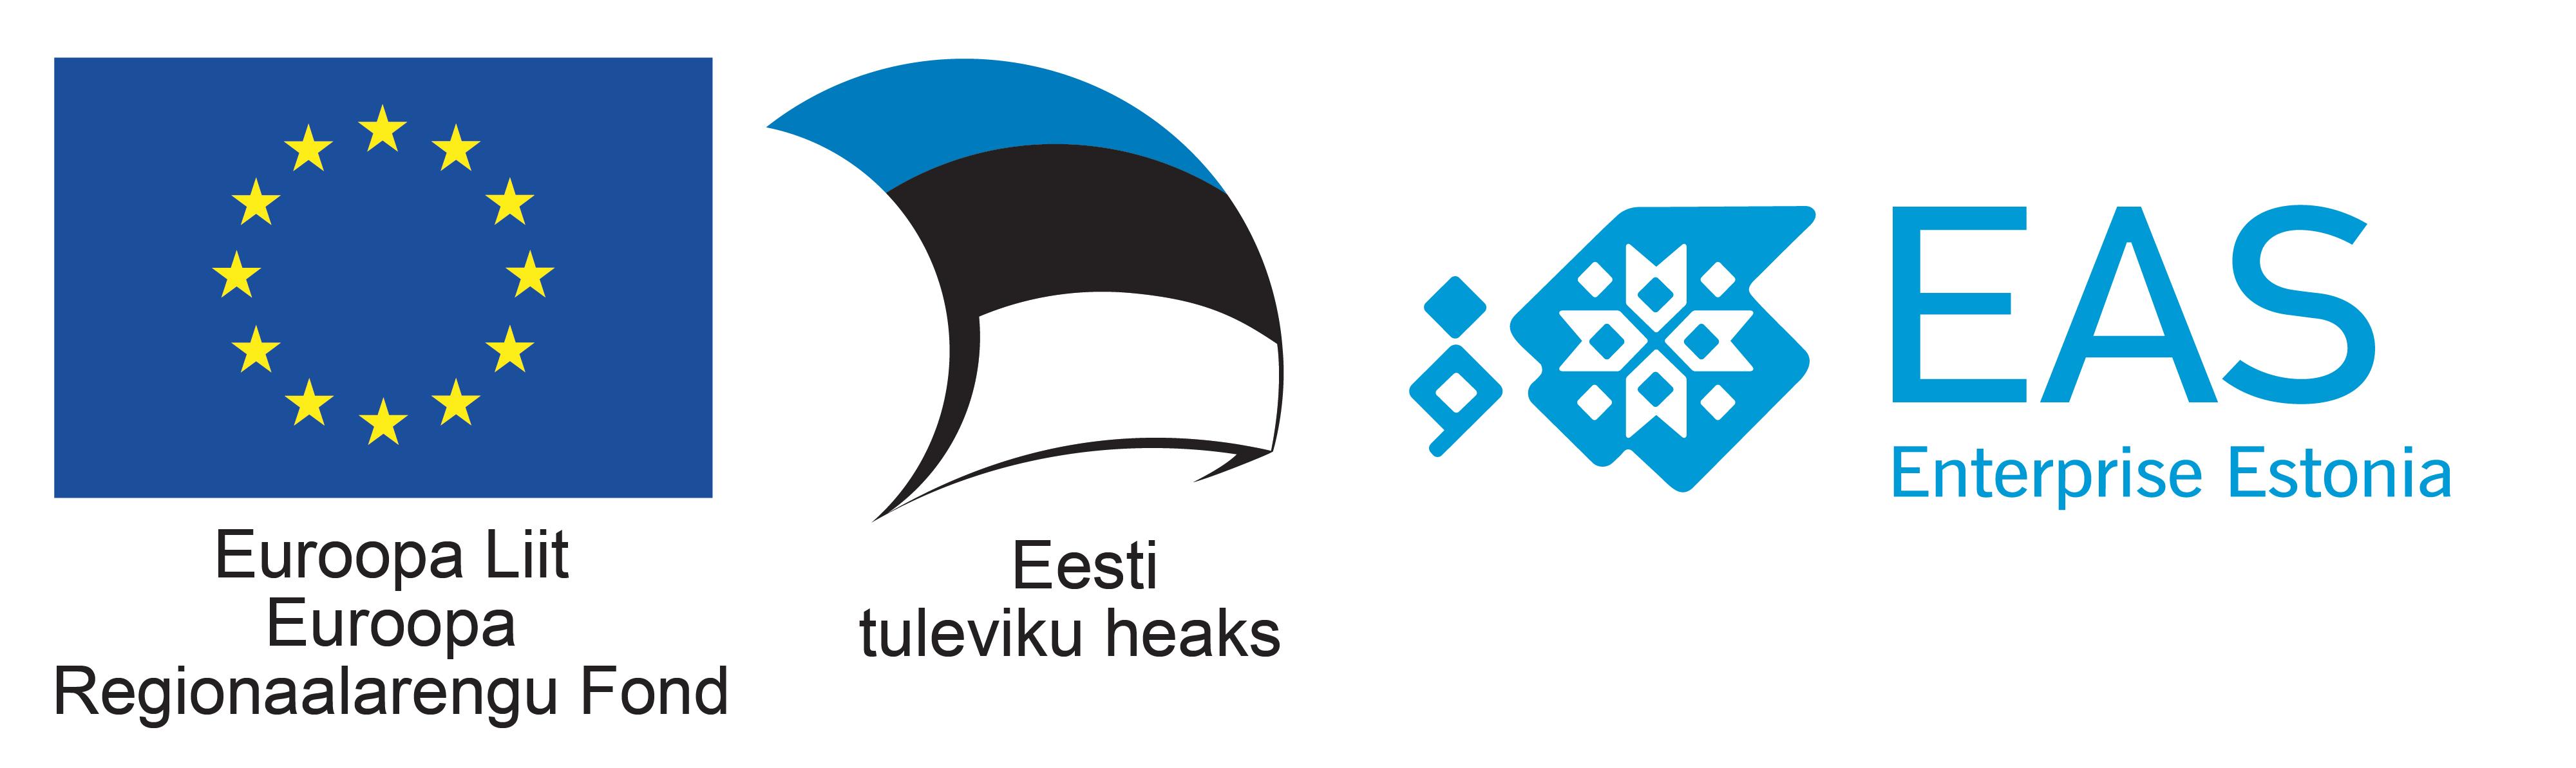 """Projekti EU51389 """"MOEBRÄNDI IRIS JANVIER DISAINRÕIVASTE MÜÜGI EKSPORDIPOTENTSIAALI SUURENDAMINE"""" elluviimist toetab EAS läbi Regionaalarengu Fondi perioodil 01.04.2017-28.02.2018. Projekti eesmärgiks on IRIS JANVIER kaubamärgi visuaalse identiteedi väljatöötamine ning IRIS JANVIER disainerrõivaste välisturgudele viimine. Projekti tulemusena kasvab kaubamärgi tuntus nii kodu- kui ka välisturgudel, finantsvõimekus ning meeskonna kompetentsid maailmatasemel brändi arengu tagamiseks. Toetuse summa 49 861,17 EUR."""